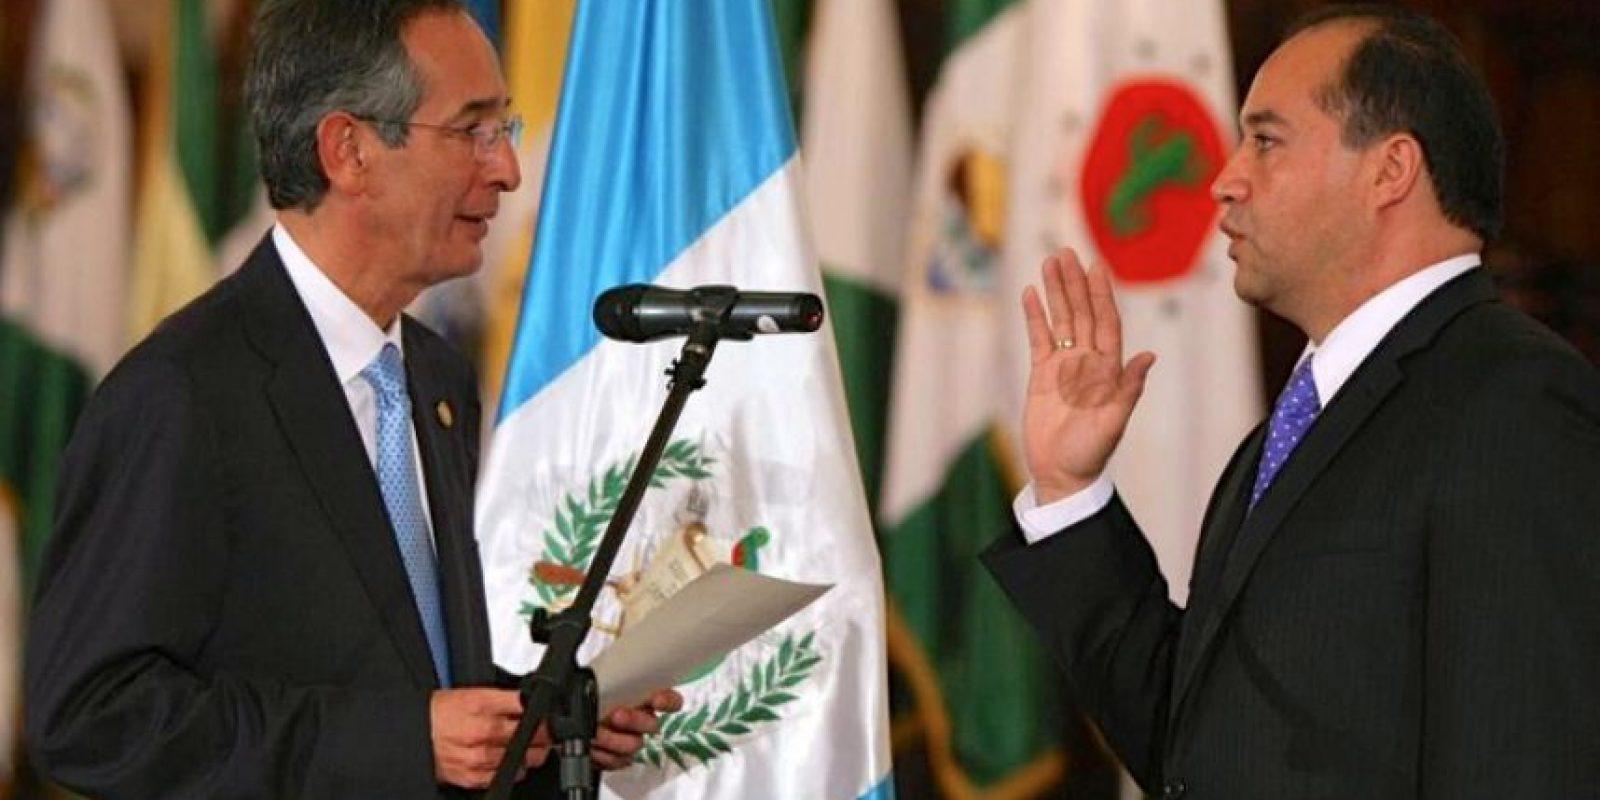 Conrado Reyes fue nombrado fiscal general en 2010 por el presidente Álvaro Colom. Foto:Publinews